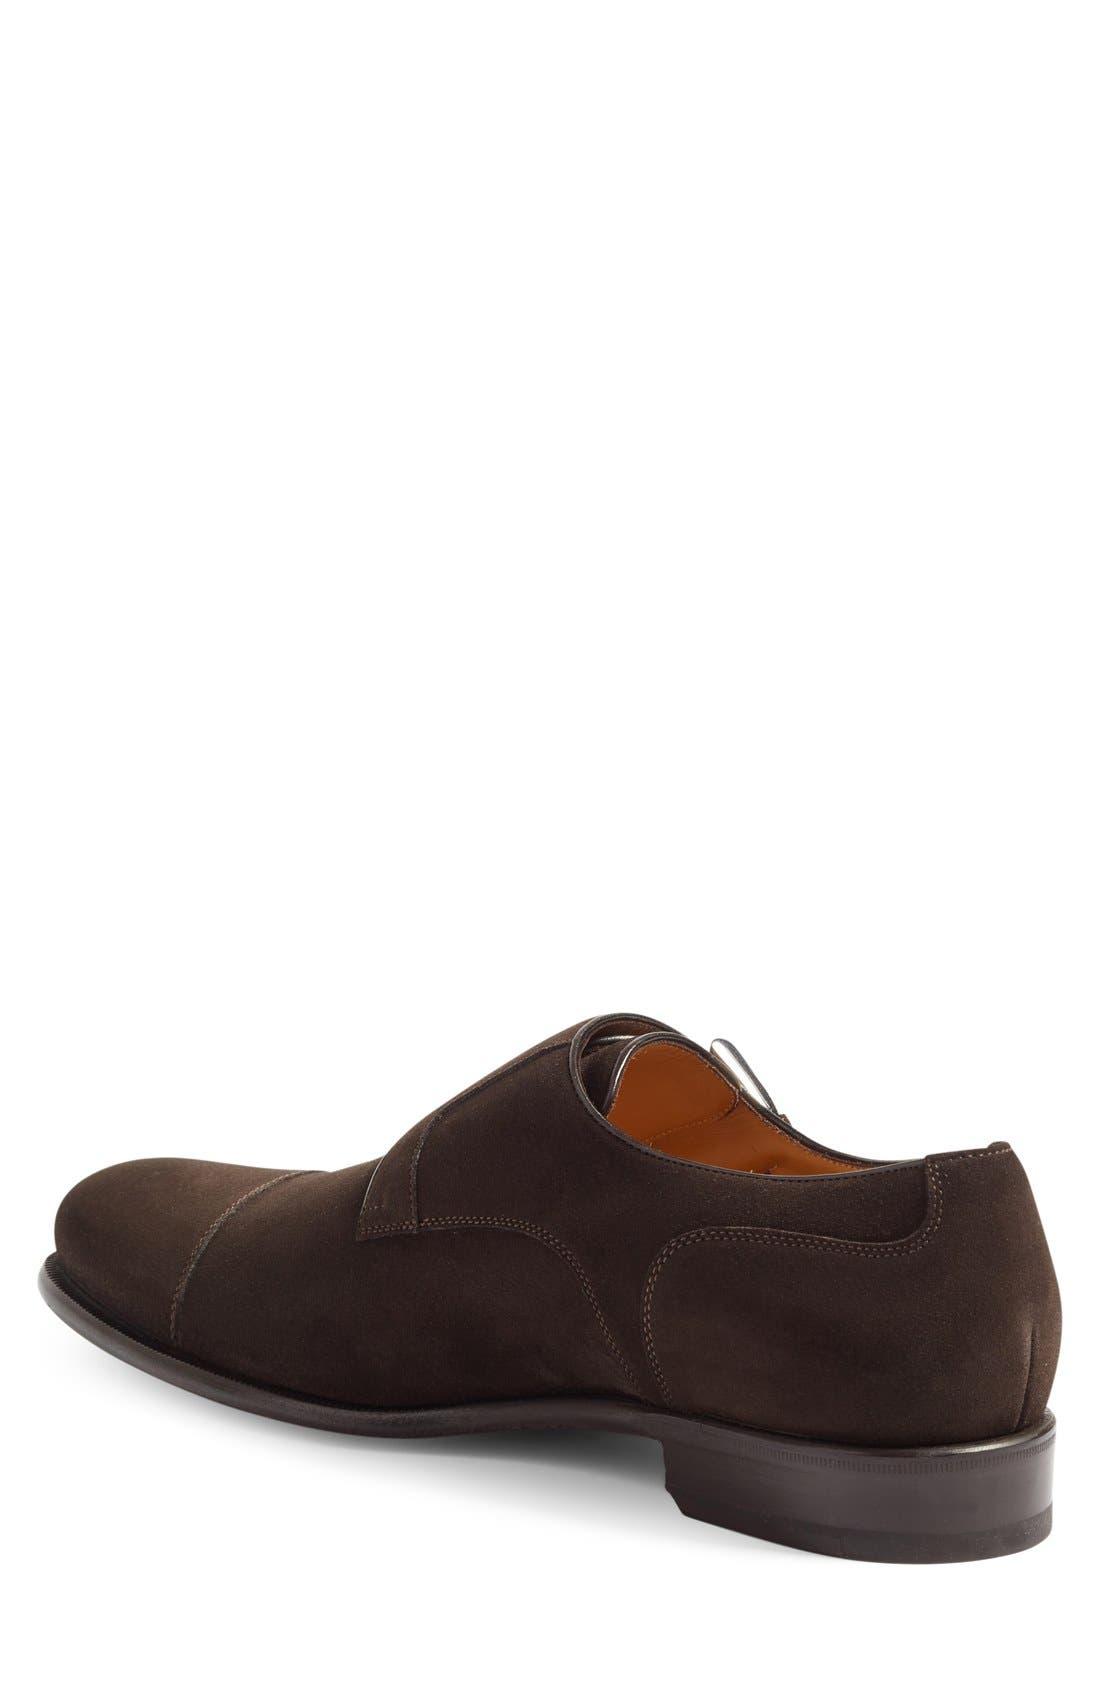 Double Monk Strap Shoe,                             Alternate thumbnail 3, color,